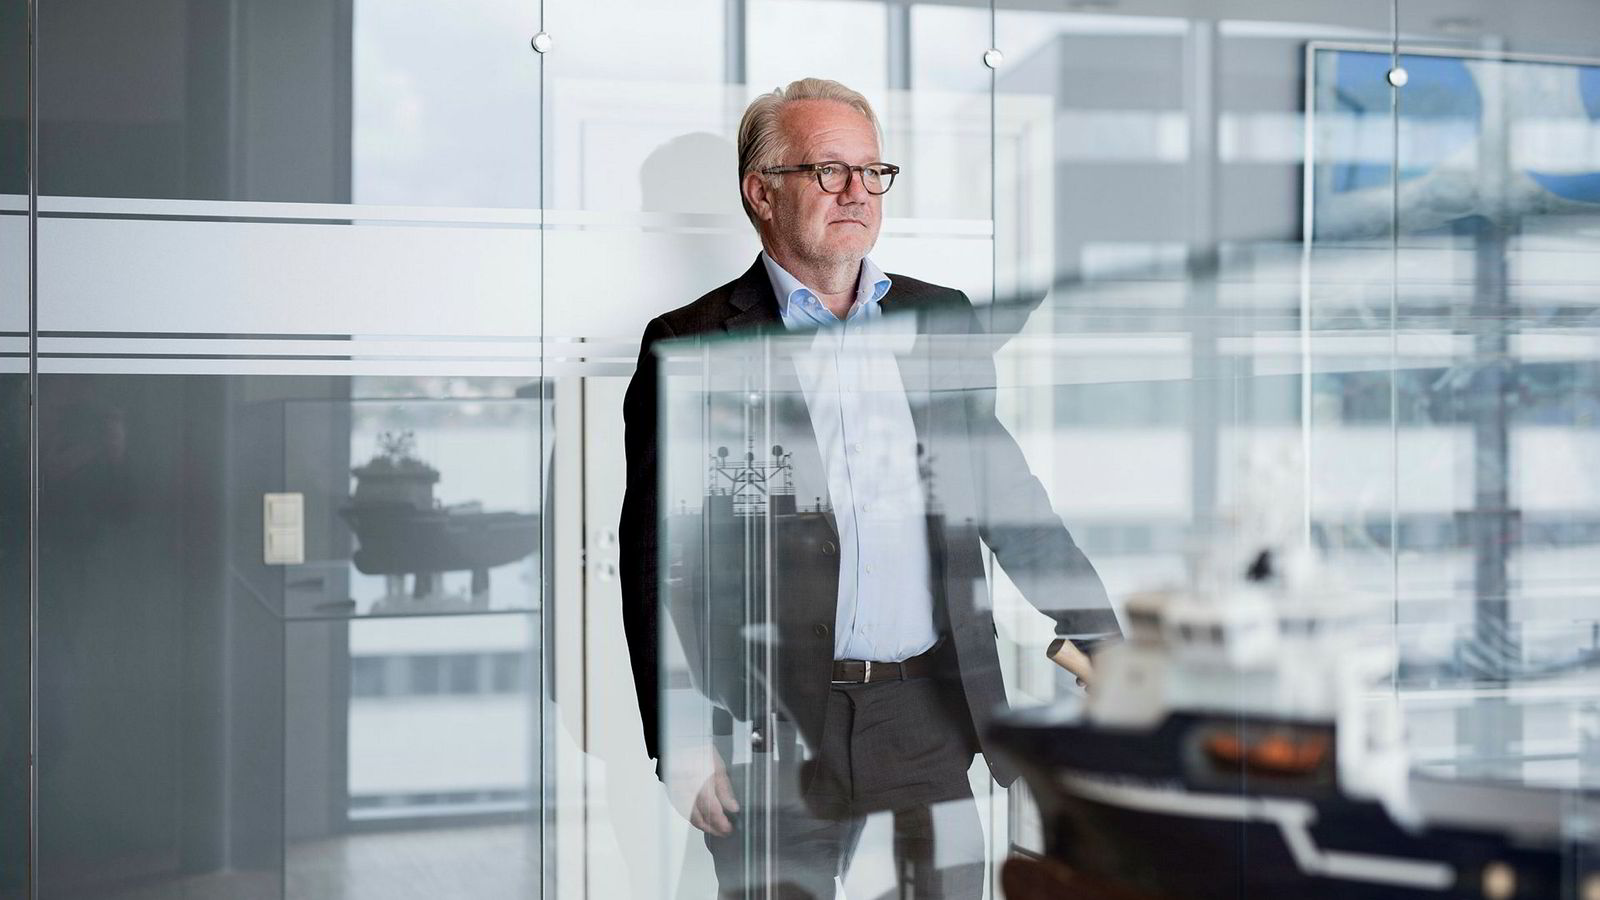 Seniorpartner Gunnar Halvorsen i Hitecvision har vært ansvarlig for oppkjøpsfondets kjøp av 25 prosent av gassrørsystemet Gassled.